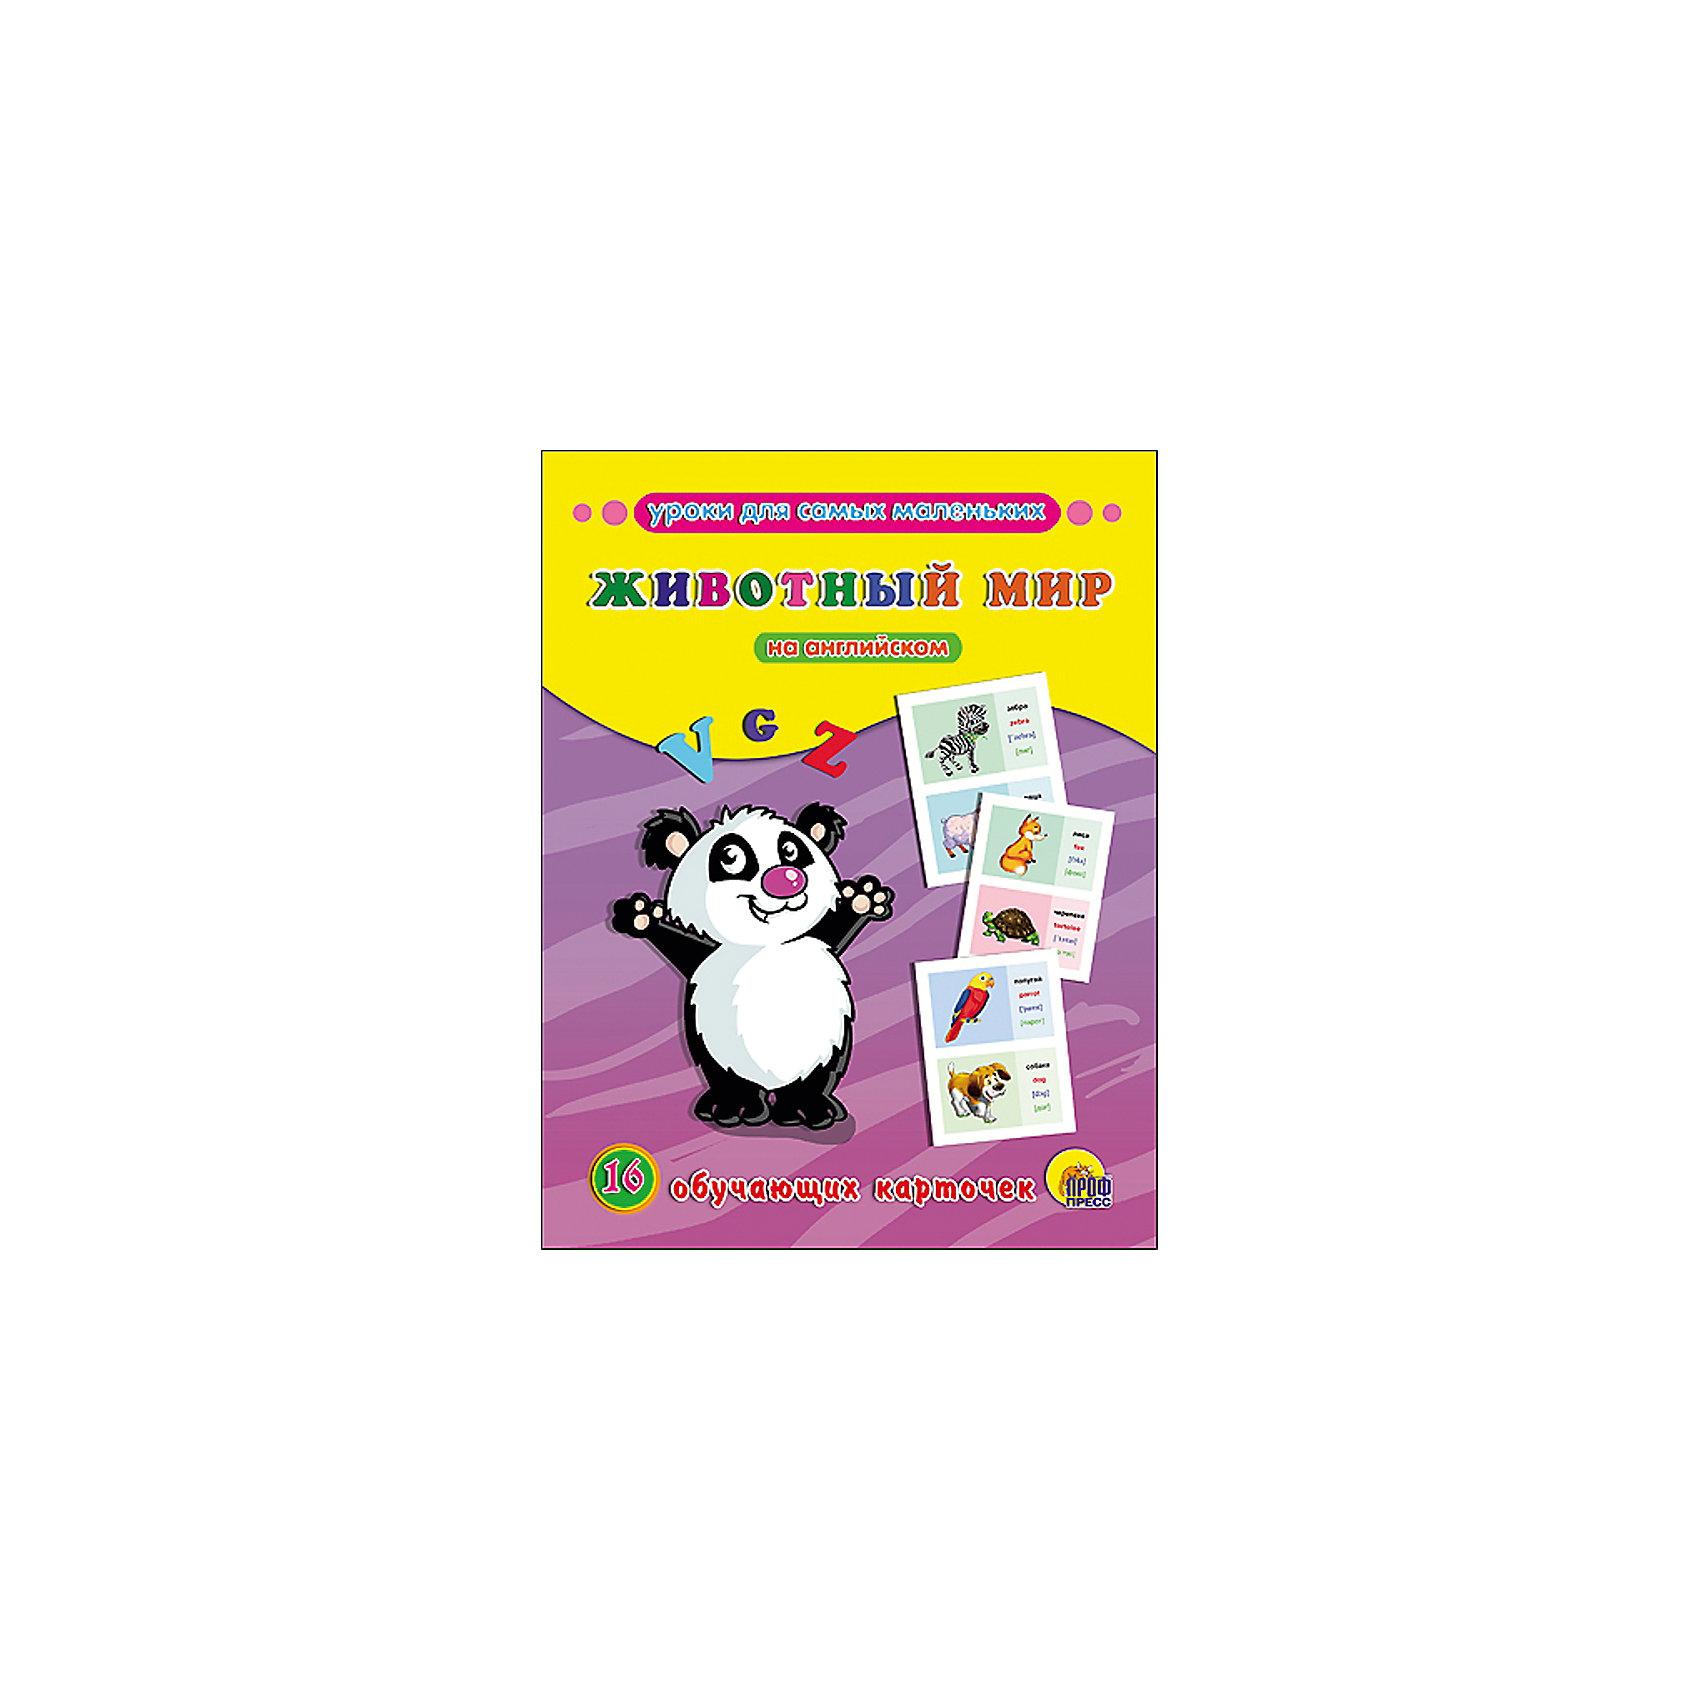 Обучающие карточки Животный мир на английскомОбучающие карточки Животный мир на английском – комплект красочно иллюстрированных карточек из серии «Уроки для самых маленьких».<br>Обучающие карточки помогут ребёнку узнать много интересного об окружающем мире, его богатстве и многообразии. Каждый набор включает 16 карточек и посвящён определённой тематике. Данный набор в познавательной и в то же время игровой форме познакомит ребёнка с английскими словами. Он узнает, как произносятся буквы и слова в английском языке. Для этого в отдельной таблице приведена транскрипция, что облегчает и ускоряет процесс обучения. С карточками можно организовать и множество игр на развитие внимания, логического мышления и памяти. Работа с карточками станет для малыша не только увлекательным занятием, но и начальным этапом подготовки к дальнейшему обучению в школе.<br><br>Дополнительная информация:<br><br>- В наборе: 16 картонных карточек<br>- Издательство: Проф-Пресс<br>- Иллюстрации: цветные<br>- Размер карточки: 170х220 мм.<br>- Упаковка: картонная папка<br>- Размер: 220x170x3 мм.<br>- Вес: 160 гр.<br><br>Обучающие карточки Животный мир на английском можно купить в нашем интернет-магазине.<br><br>Ширина мм: 170<br>Глубина мм: 3<br>Высота мм: 220<br>Вес г: 160<br>Возраст от месяцев: 0<br>Возраст до месяцев: 36<br>Пол: Унисекс<br>Возраст: Детский<br>SKU: 4500289